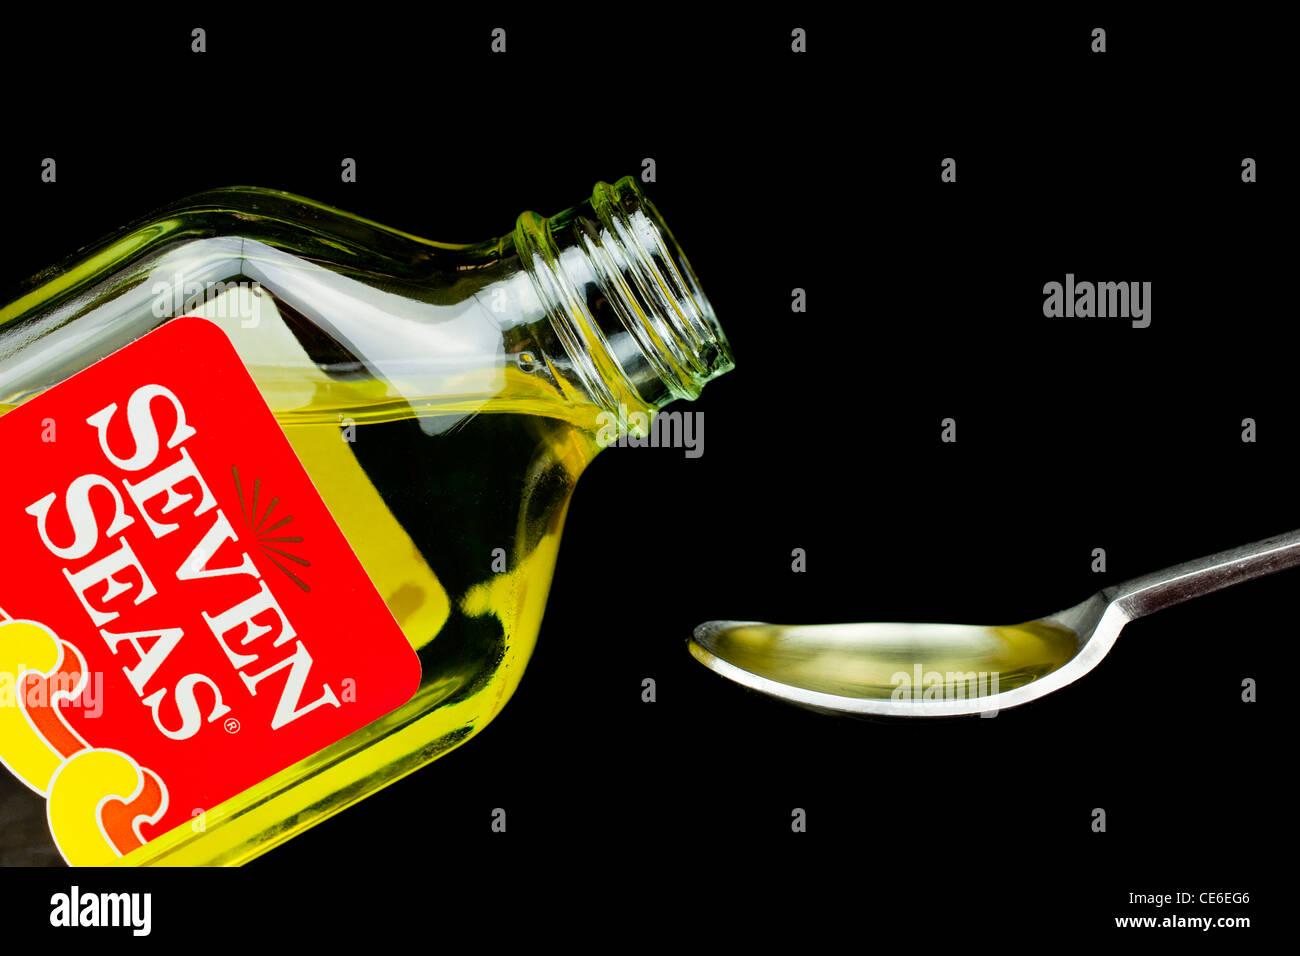 Sept Mers l'huile de foie de morue liquide versé sur une cuillère Photo Stock